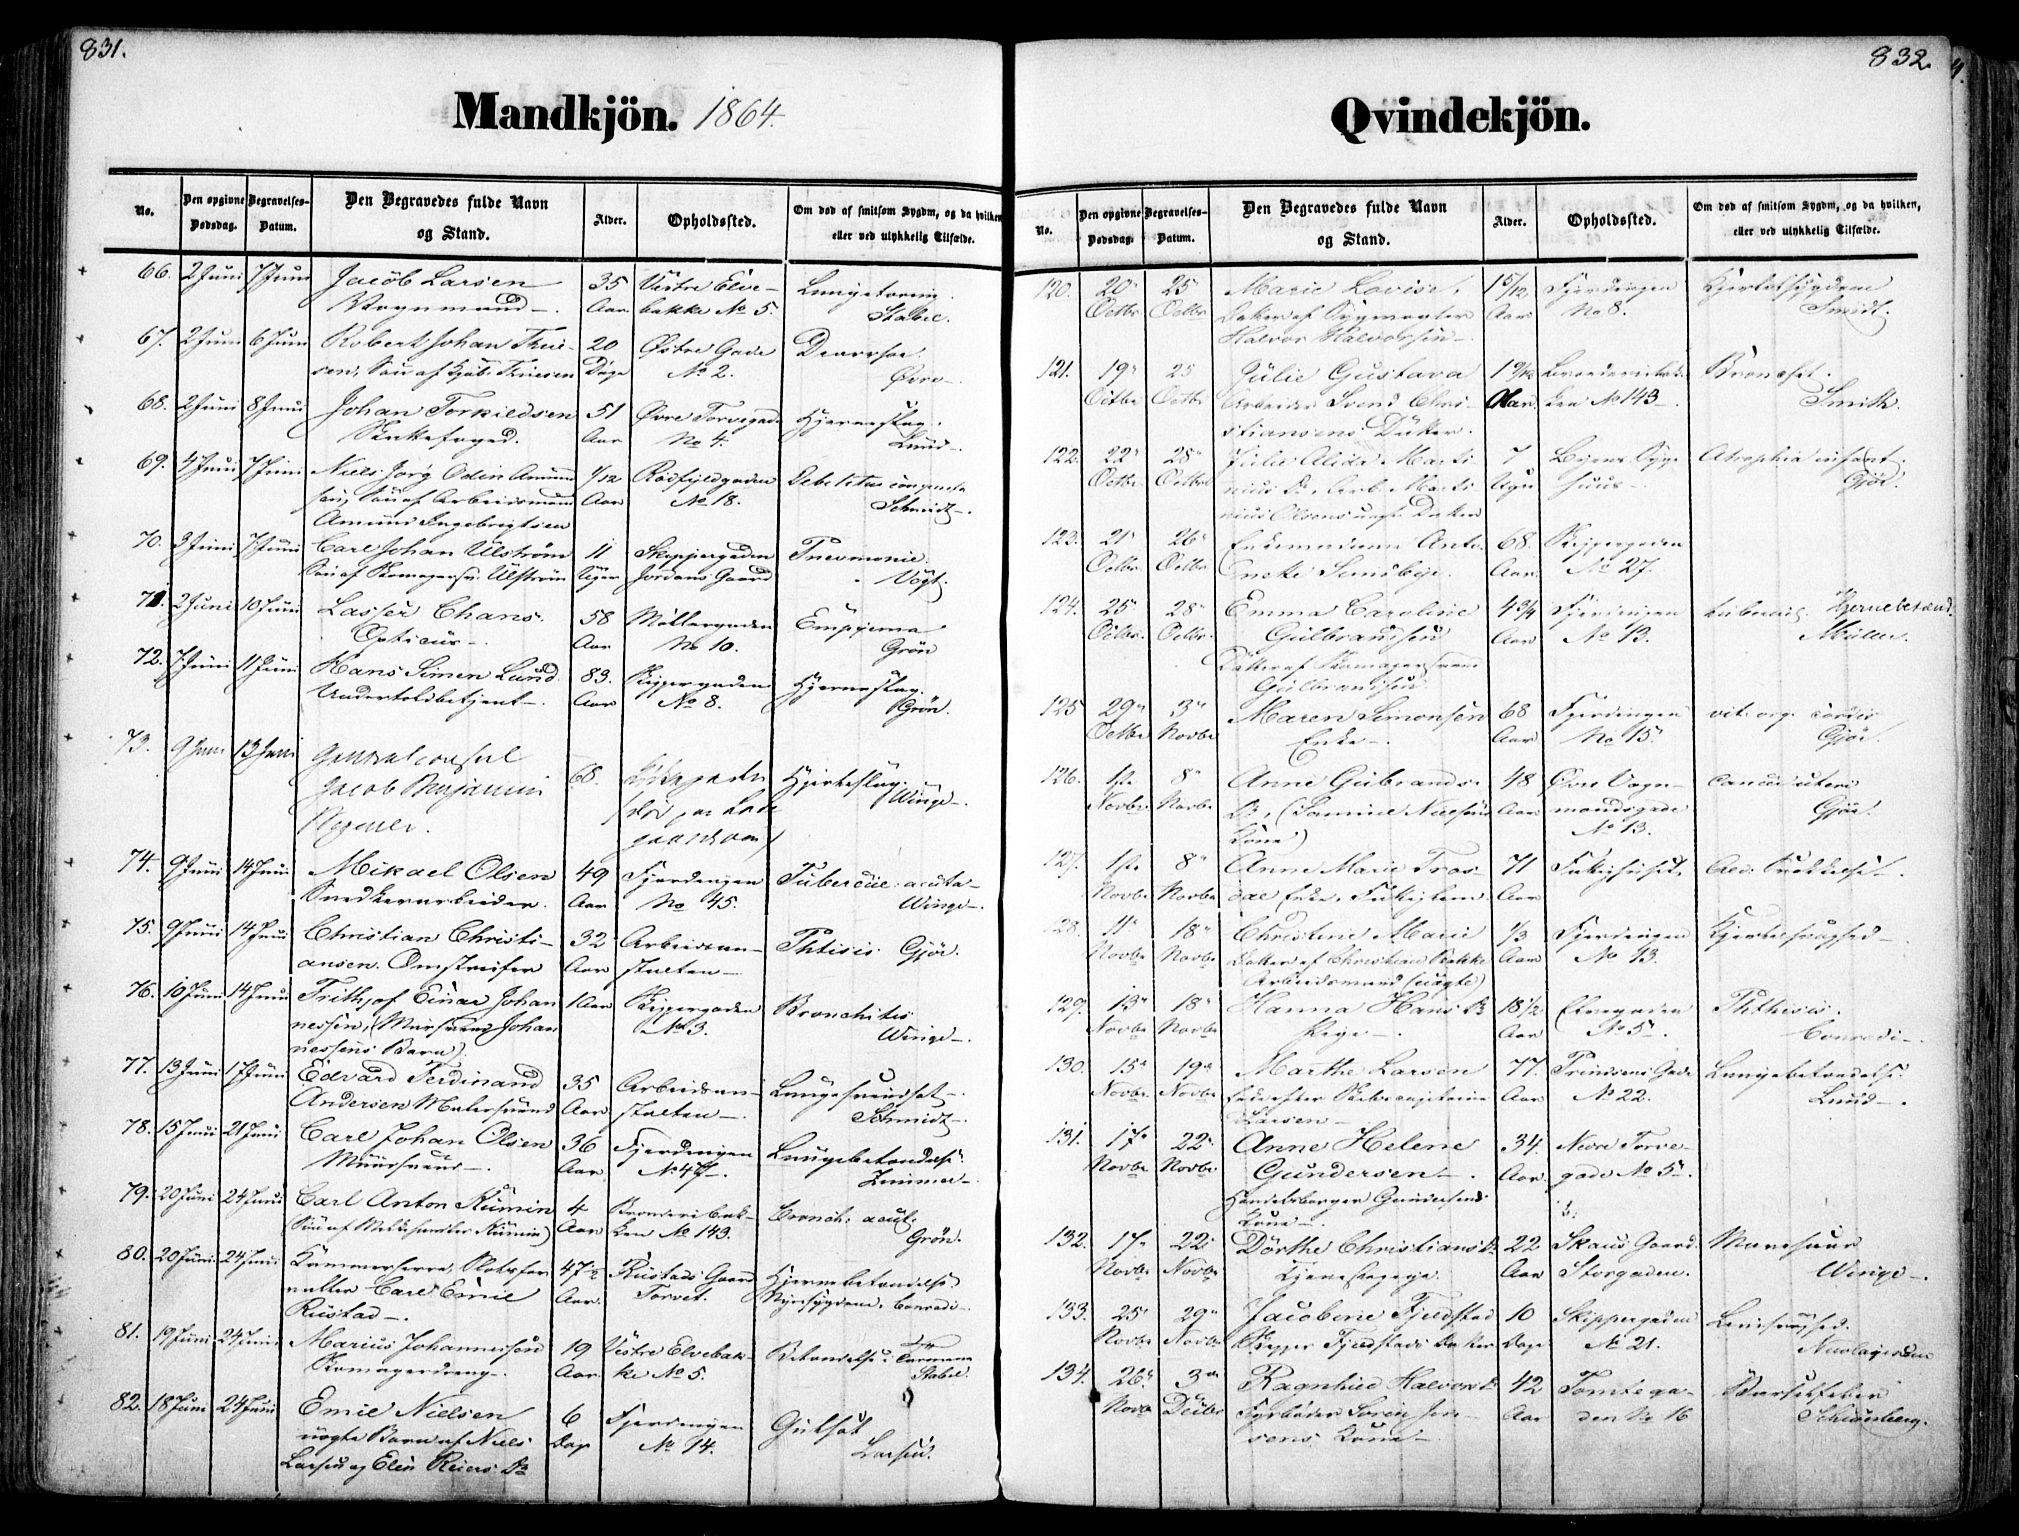 SAO, Oslo domkirke Kirkebøker, F/Fa/L0025: Ministerialbok nr. 25, 1847-1867, s. 831-832